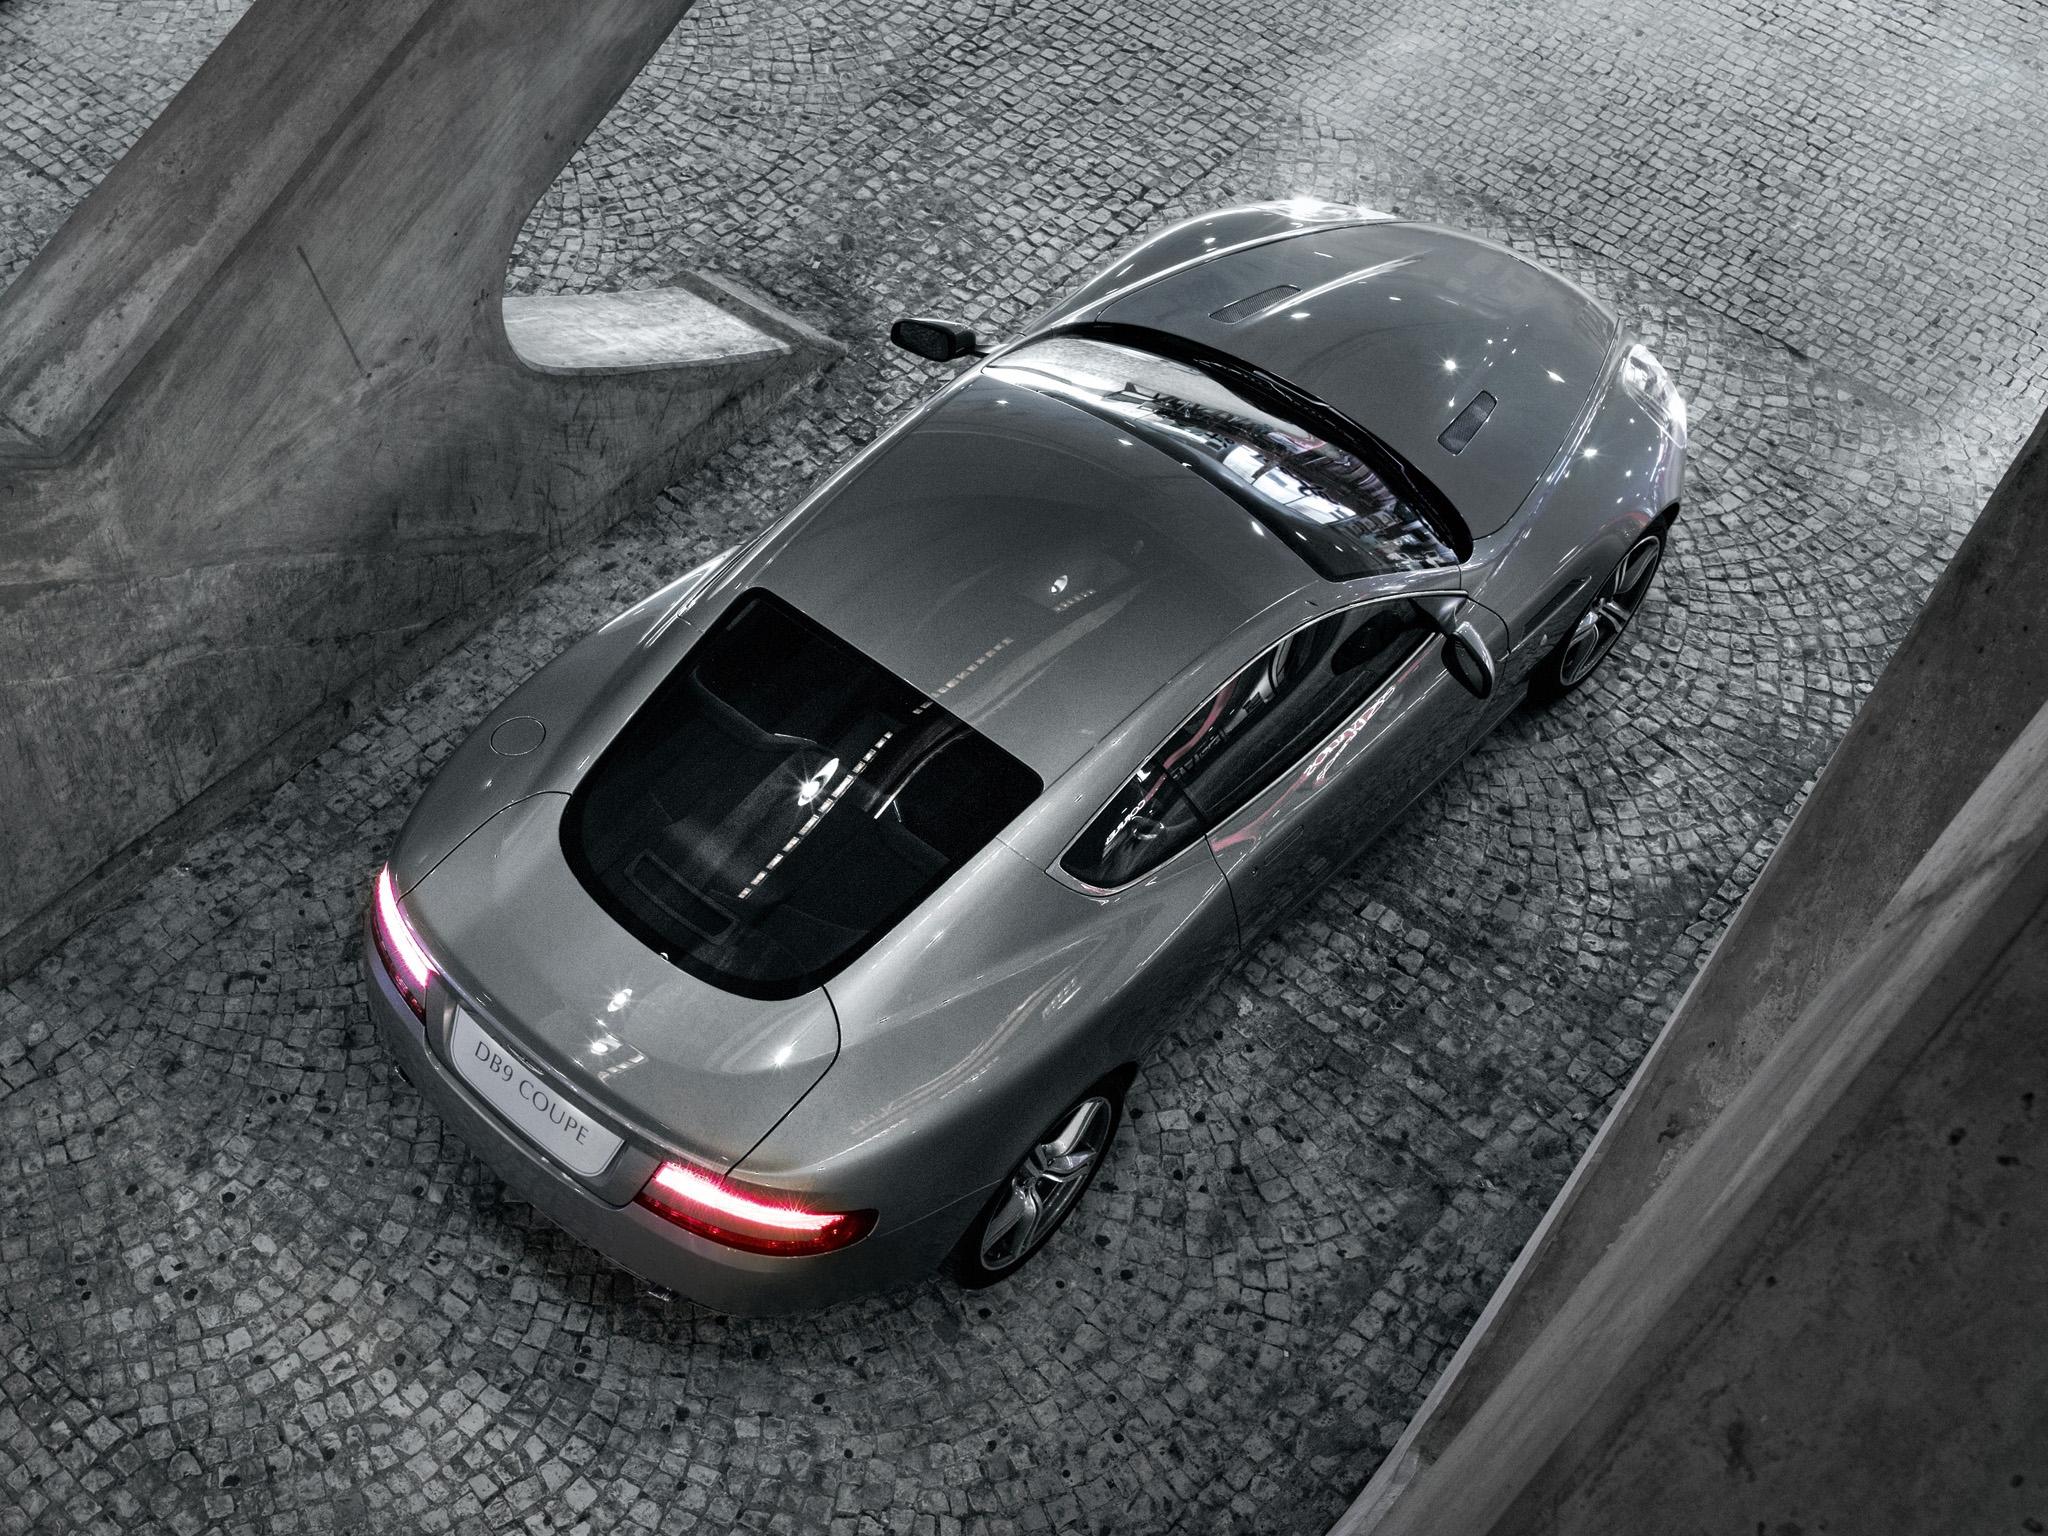 85813 скачать обои Астон Мартин (Aston Martin), Машины, Тачки (Cars), Вид Сверху, Отражение, Стиль, 2008, Db9, Серый Металлик - заставки и картинки бесплатно